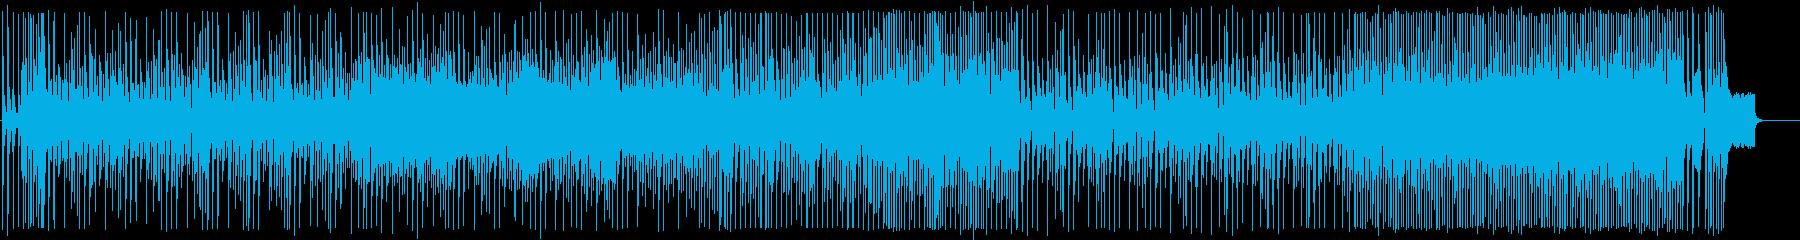 和風ファンク 踊れる三味線&尺八の再生済みの波形